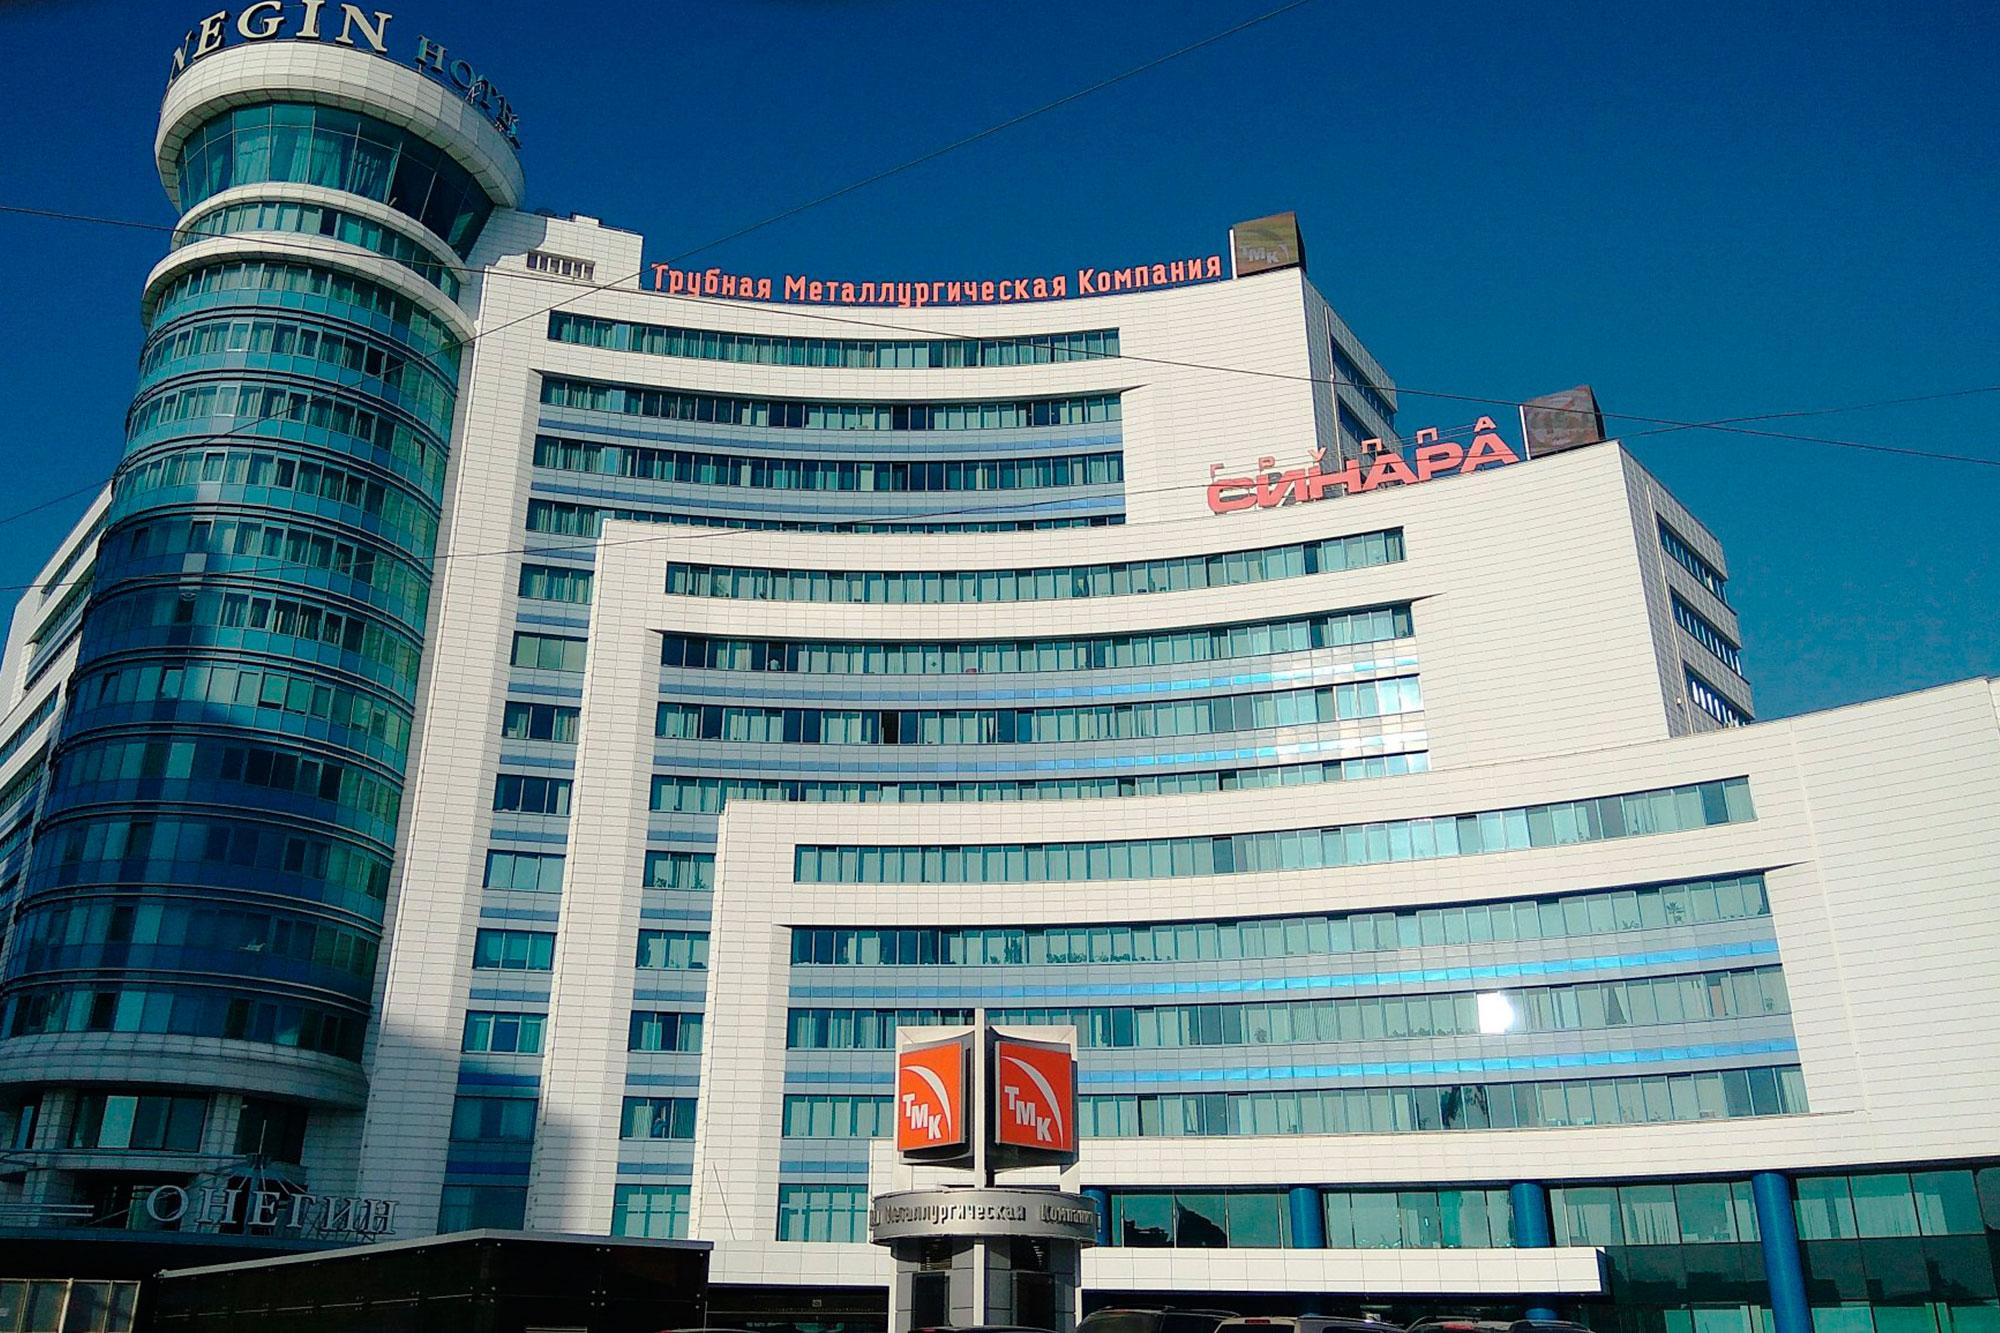 Центр компания екатеринбург официальный сайт строительная компания альянс официальный сайт красноярск